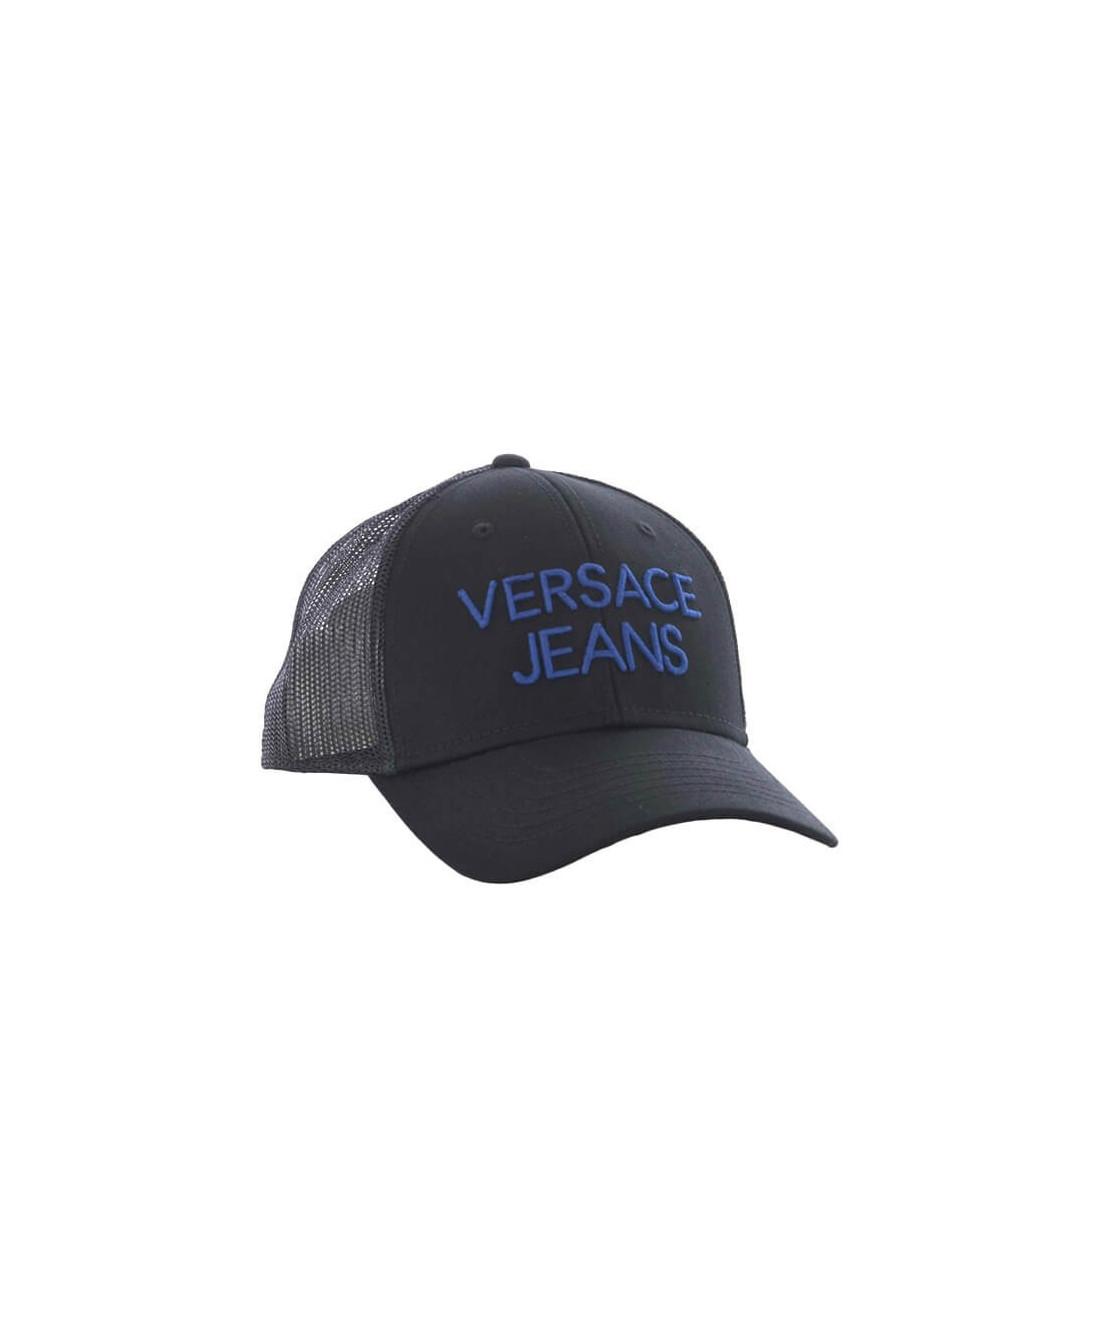 Casquette Versace Jeans E8GRBK01 899 Noire